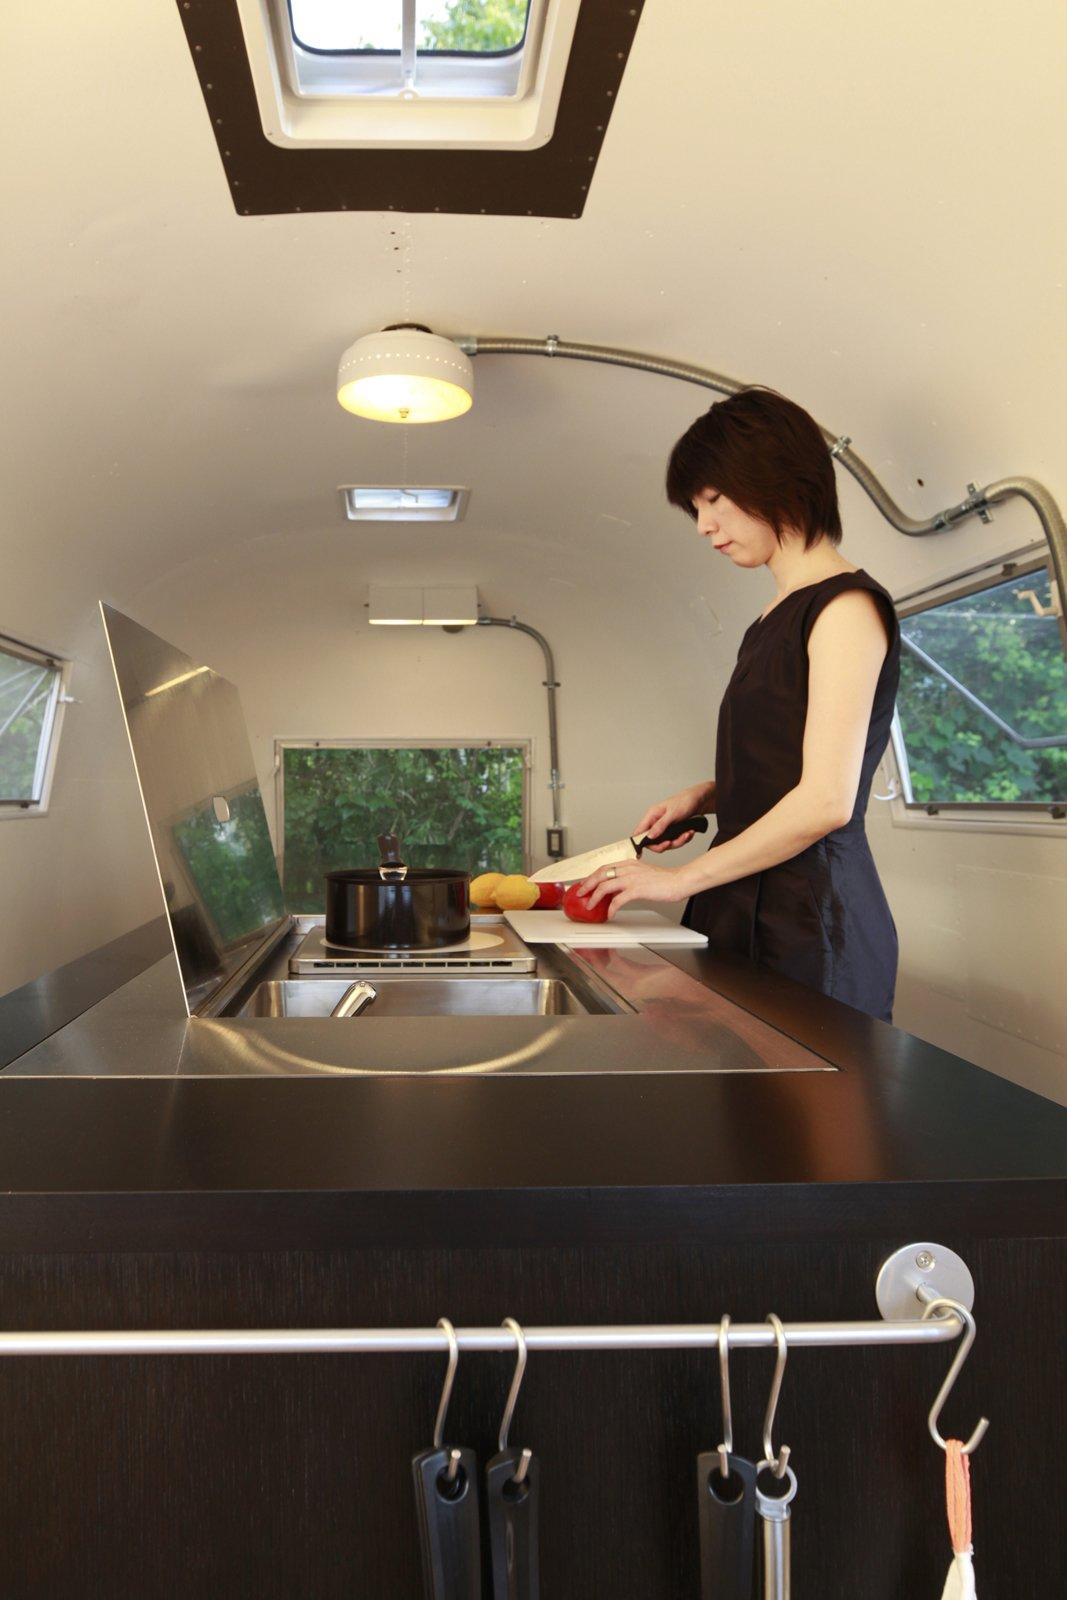 vintage airstream travel trailer kitchen